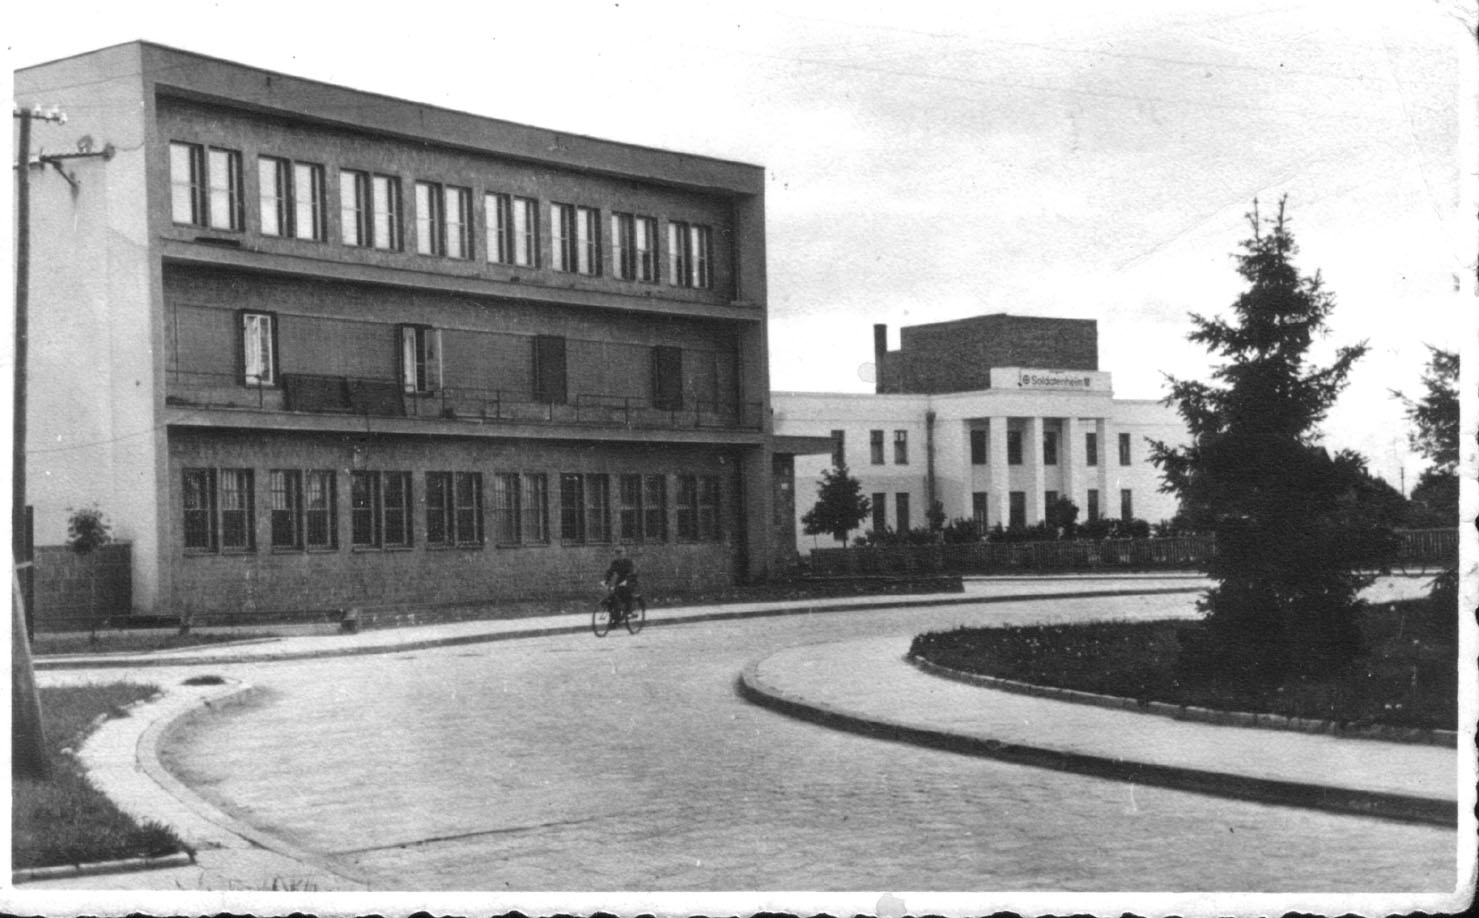 Здание почты (правее виден польский дом культуры, разрушенный в 1944 году). Фото: 1871.by